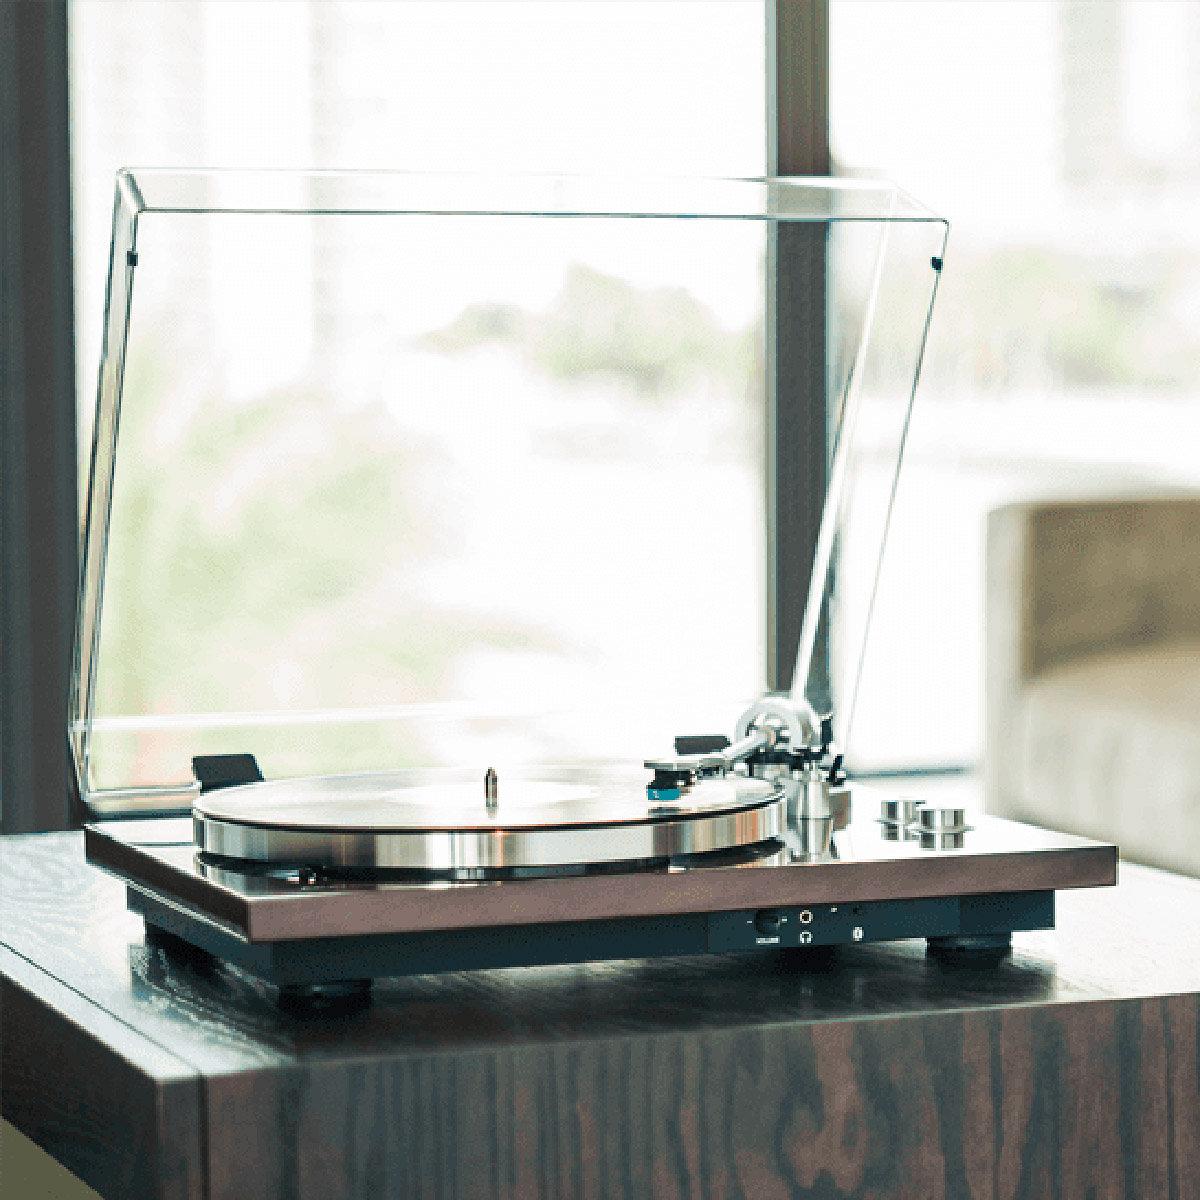 Quelle Marque De Platine Vinyle Choisir comment choisir sa platine vinyle ?